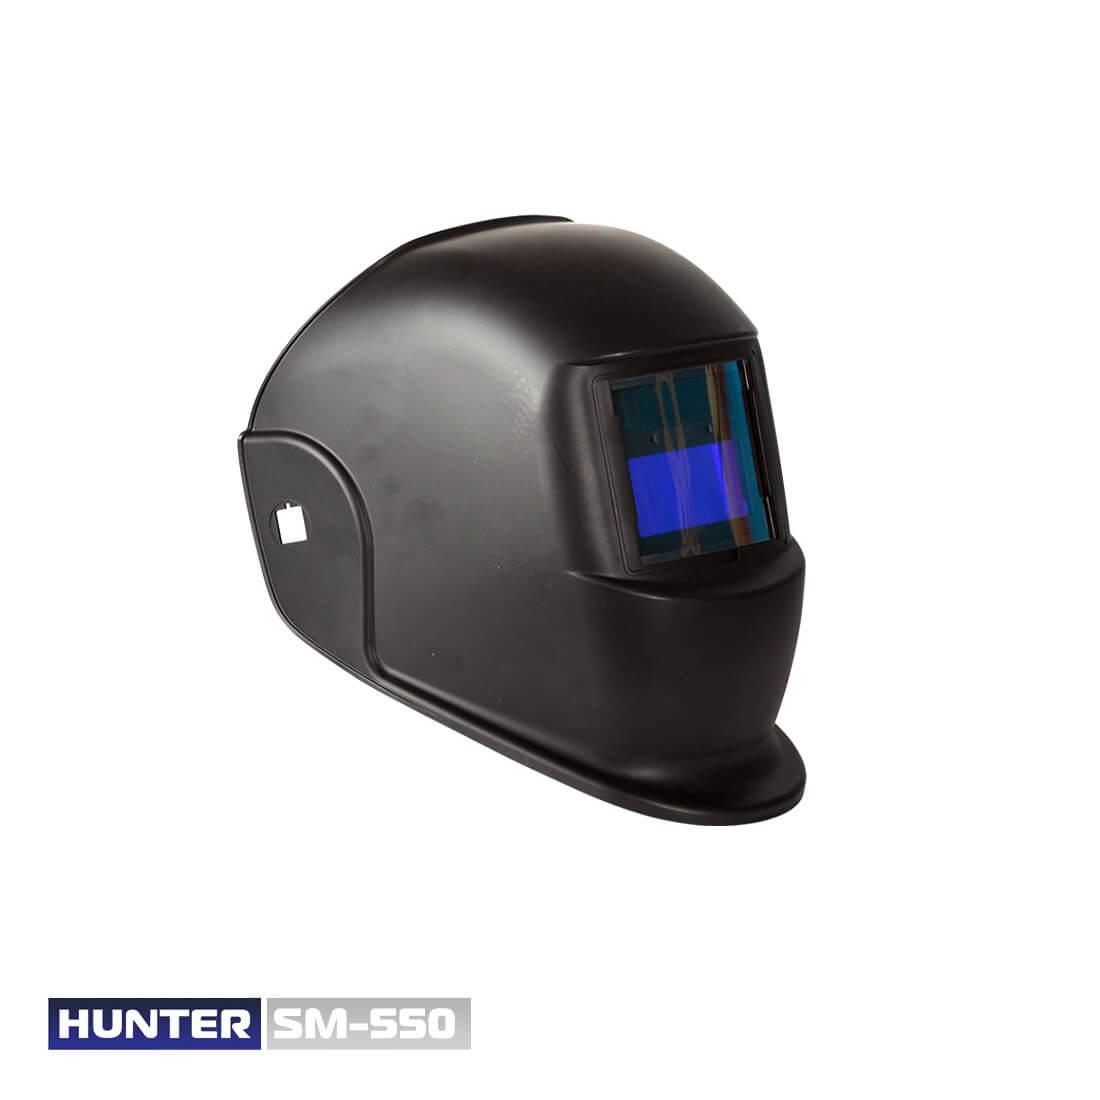 Фото SM-550 цена 750грн №3 — Hunter